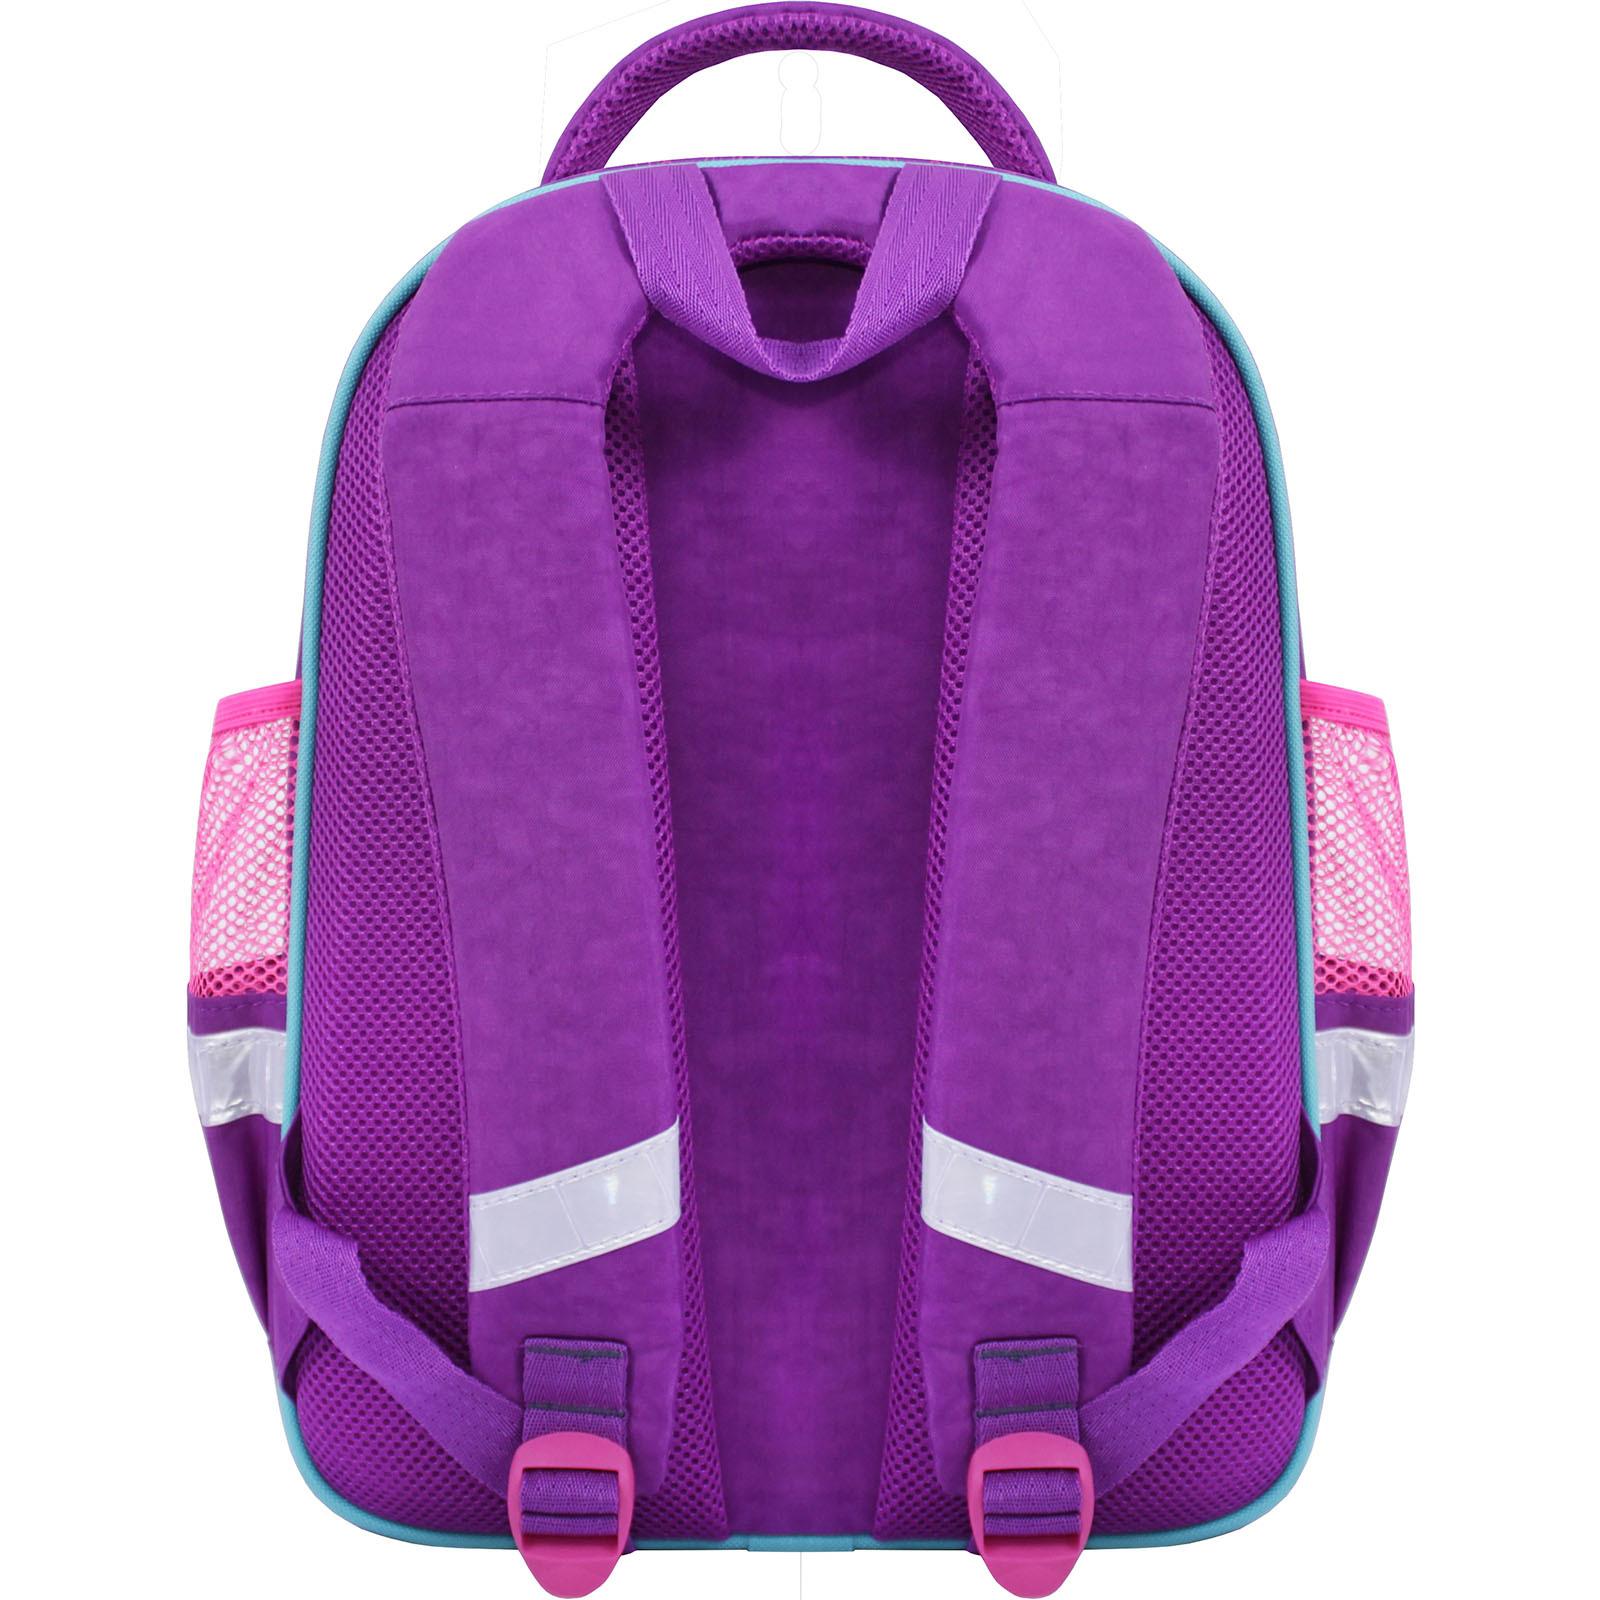 Рюкзак школьный Bagland Mouse 339 фиолетовый 596 (0051370) фото 3